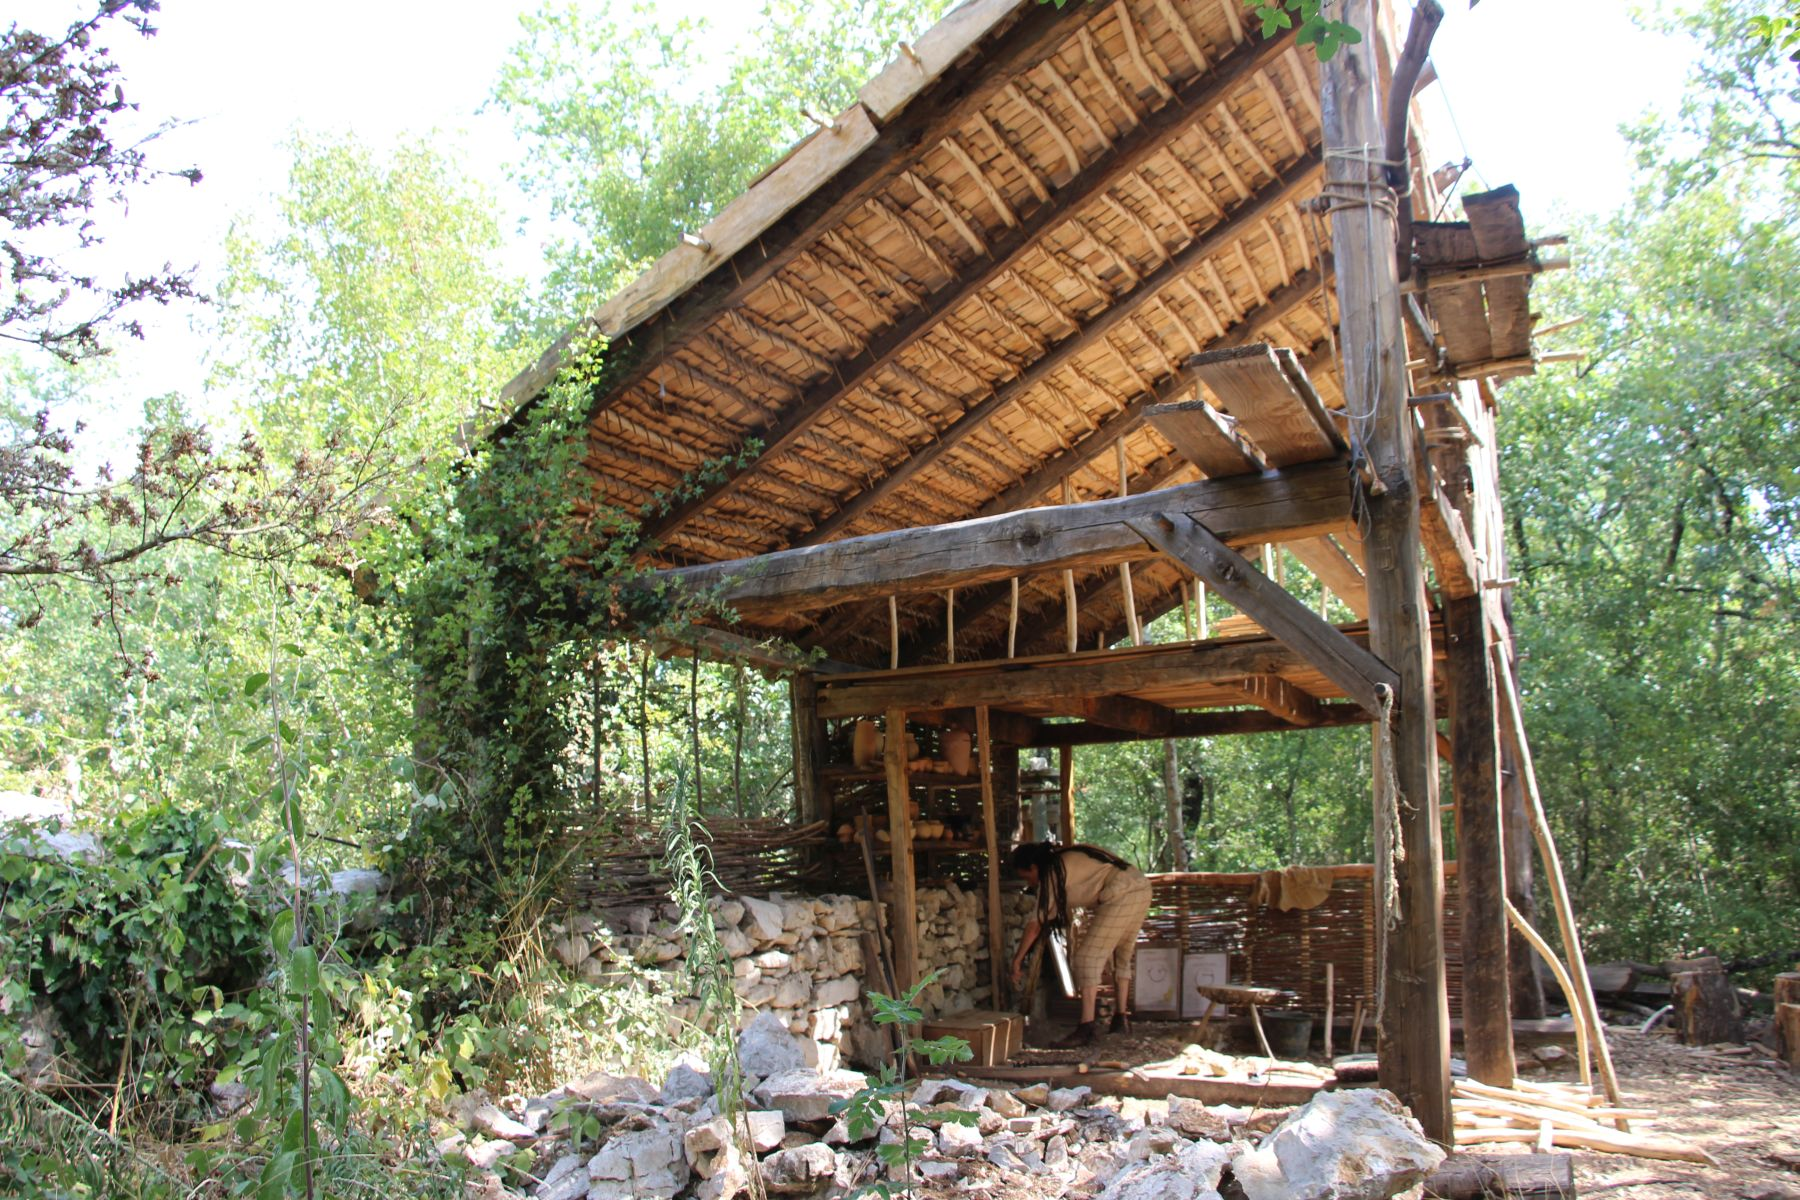 Randa Ardesca Archéosite d'Ardèche - L'atelier du potier en cours de construction